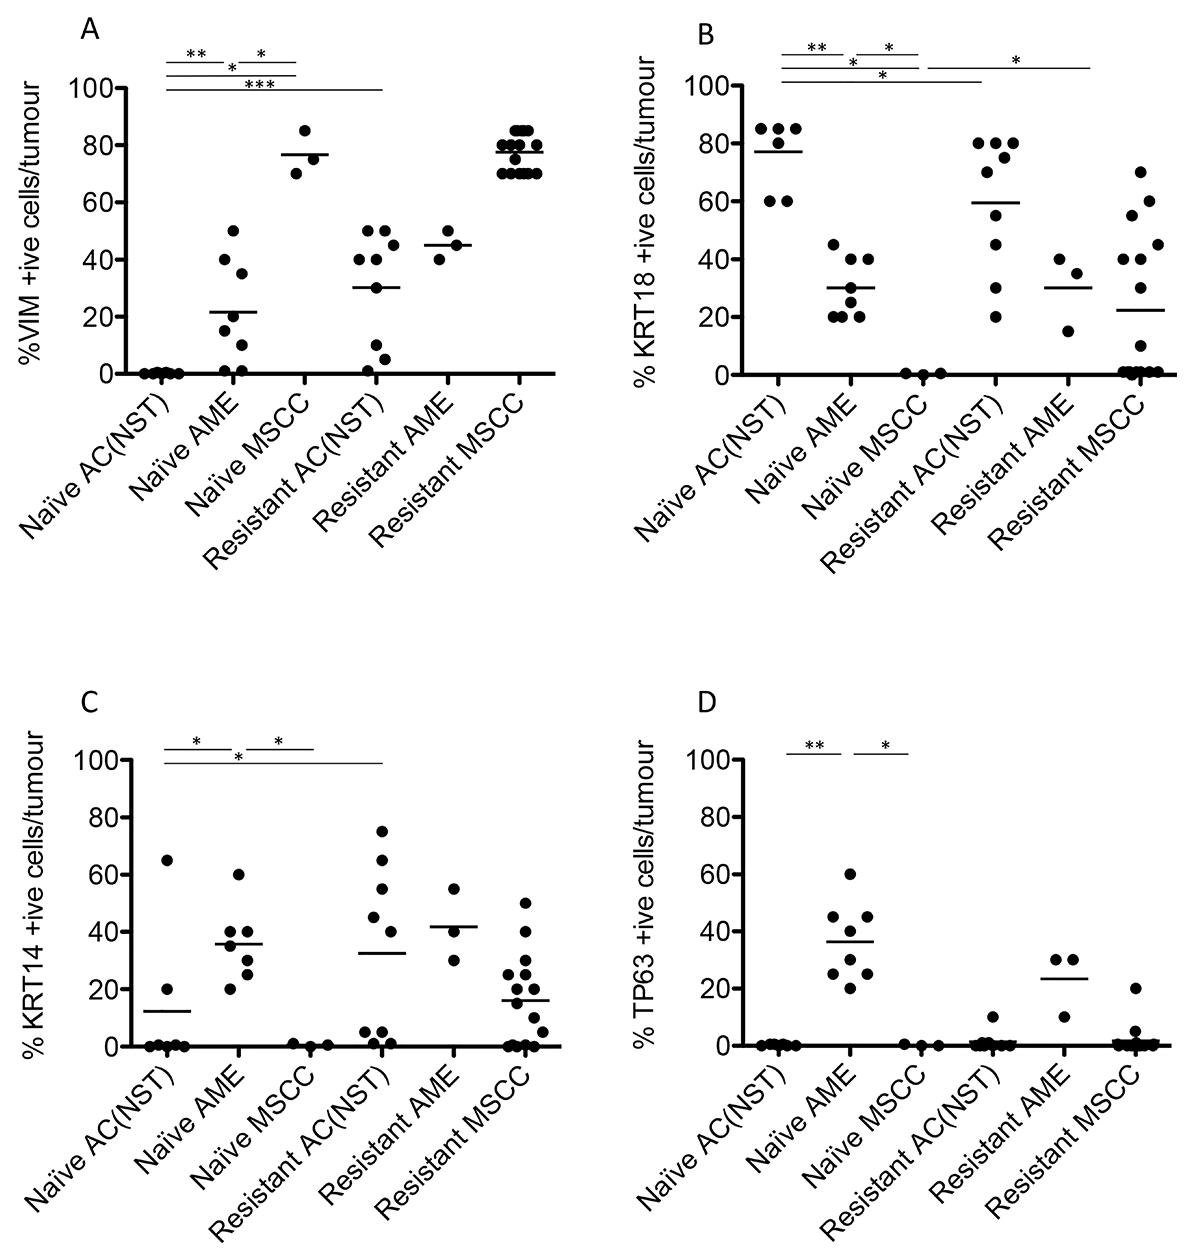 Quantitation of immunohistochemical staining in olaparib-naïve and olaparib-resistant Brca2/p53-mutant tumours.